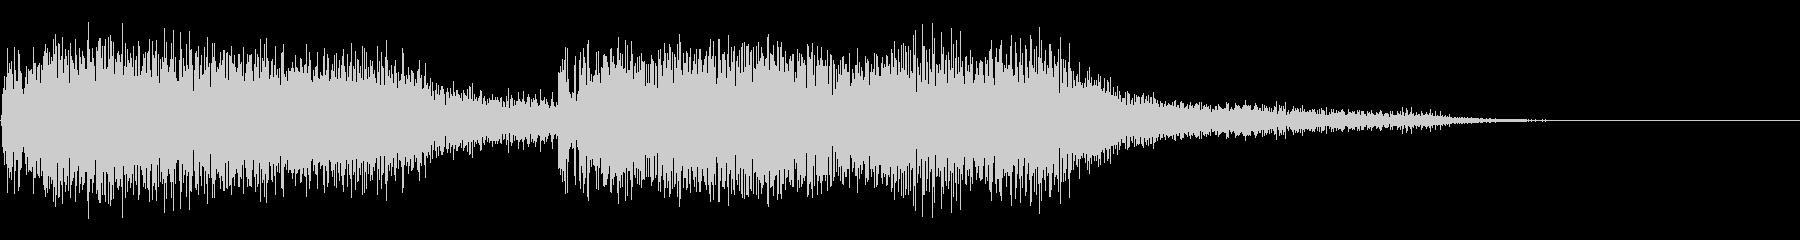 ドラマチックコードオーケストラアク...の未再生の波形